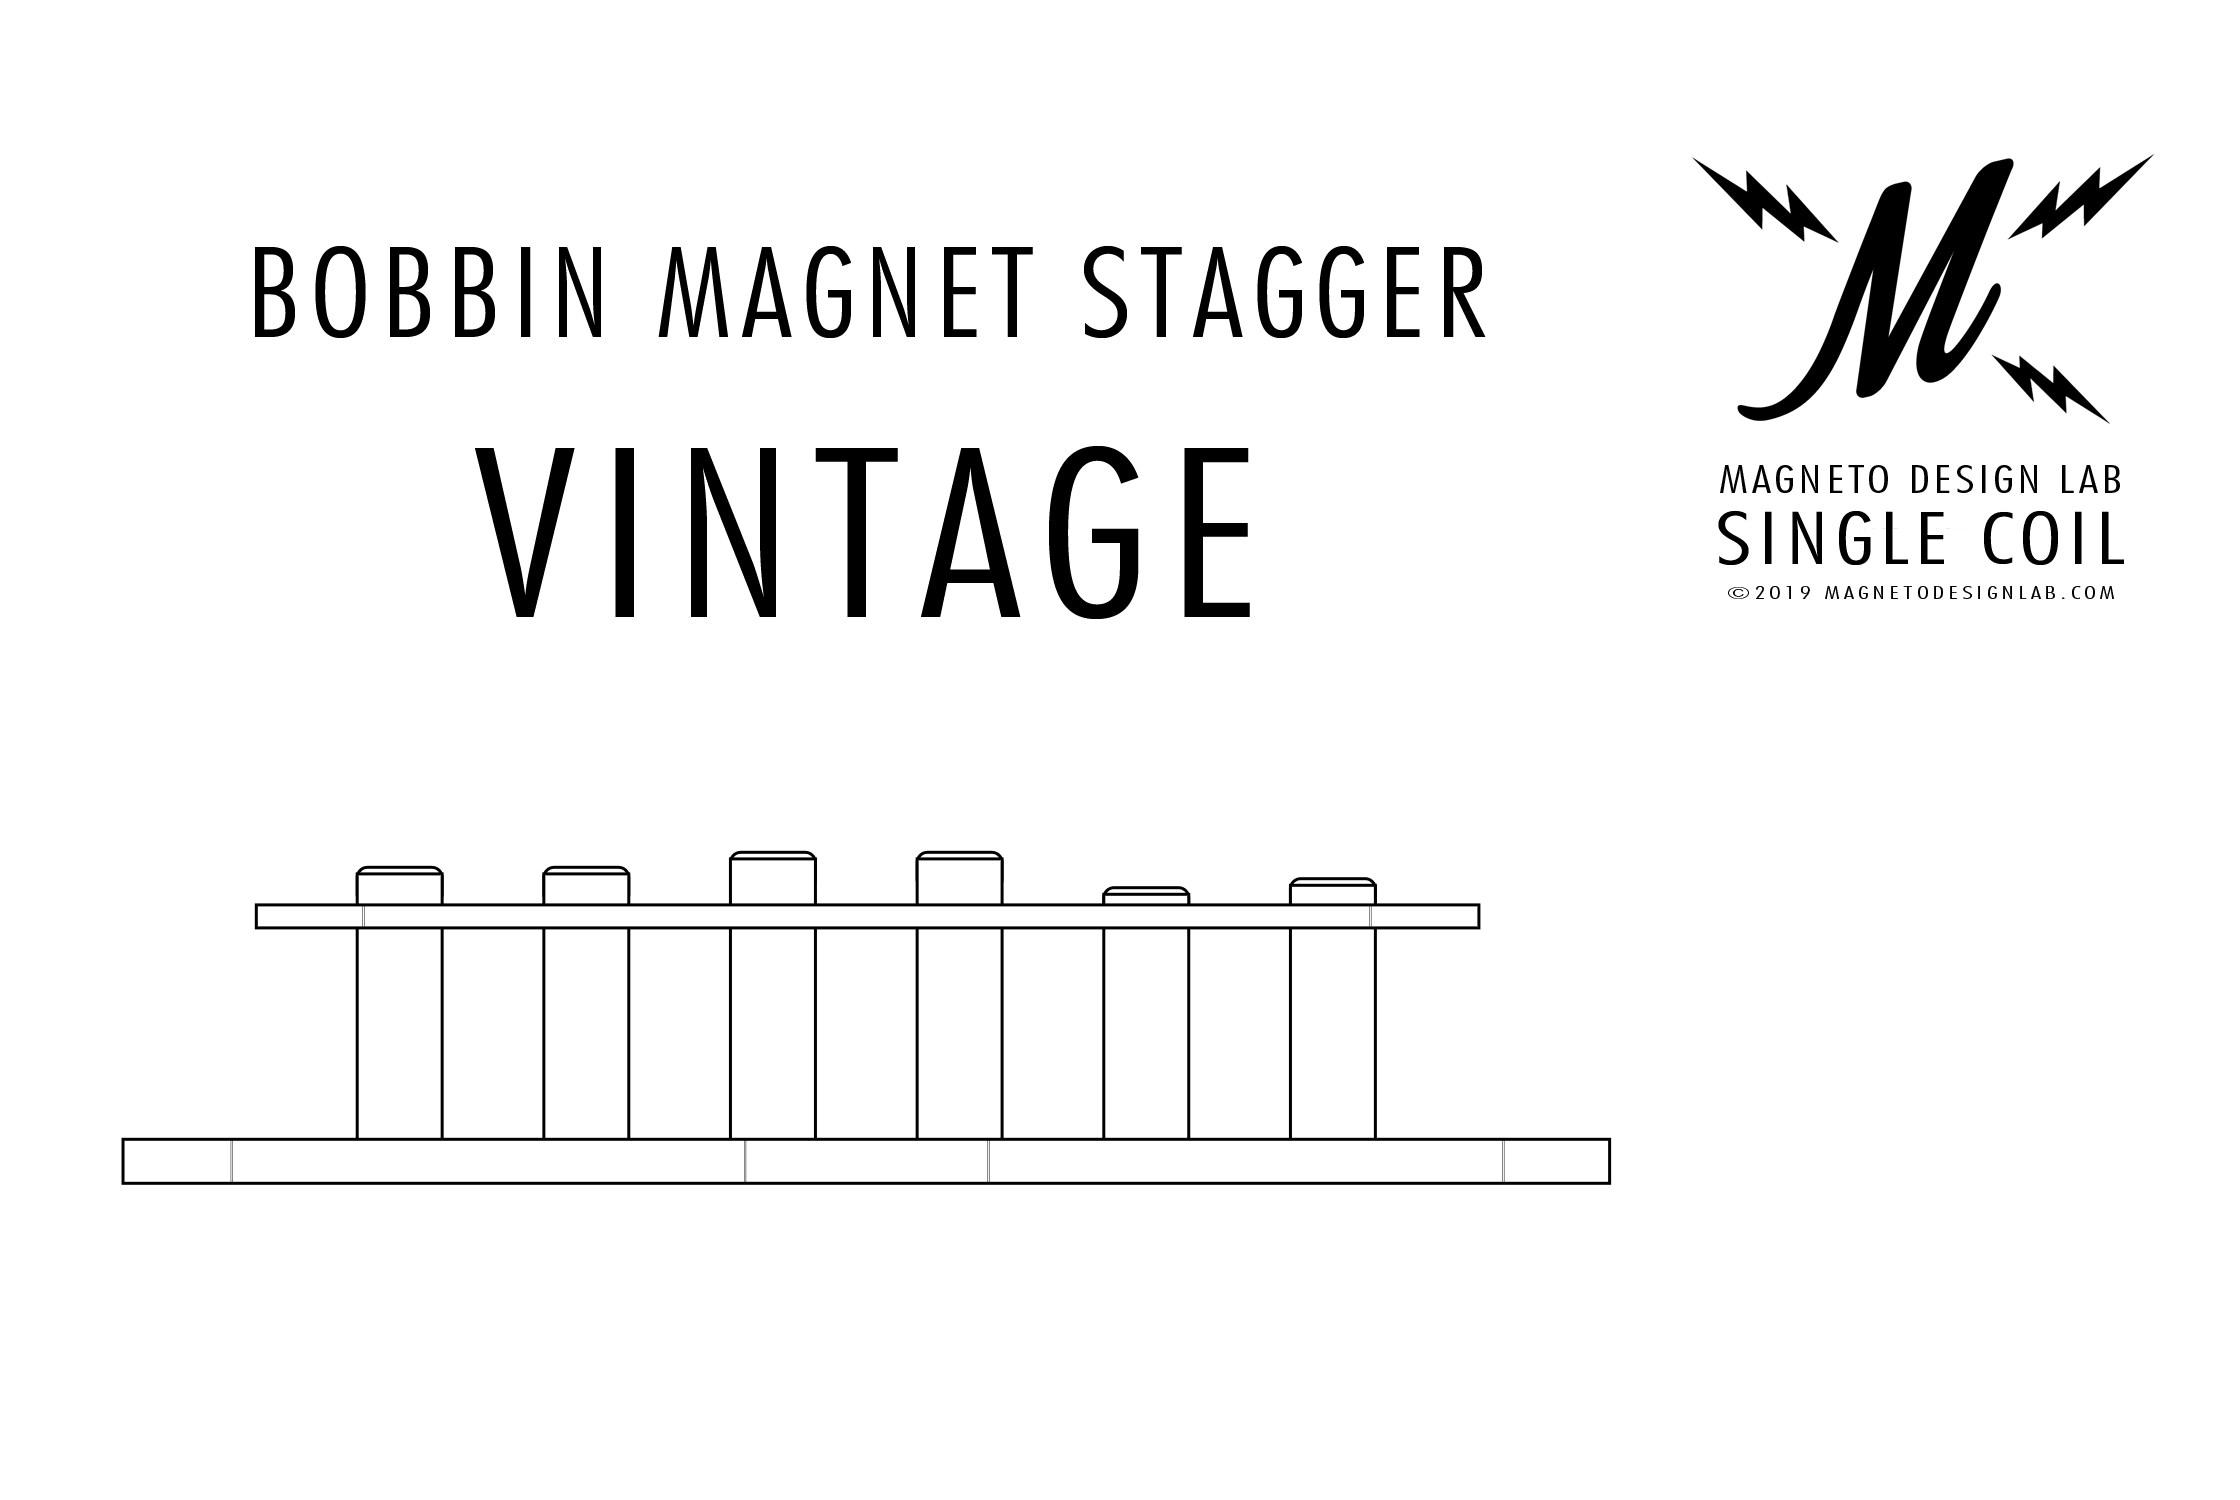 Bobbin-Magnet-Stagger-Vintage-Magneto-Design-Lab-Single-Coil-Style-Guitar-Pickup.jpg